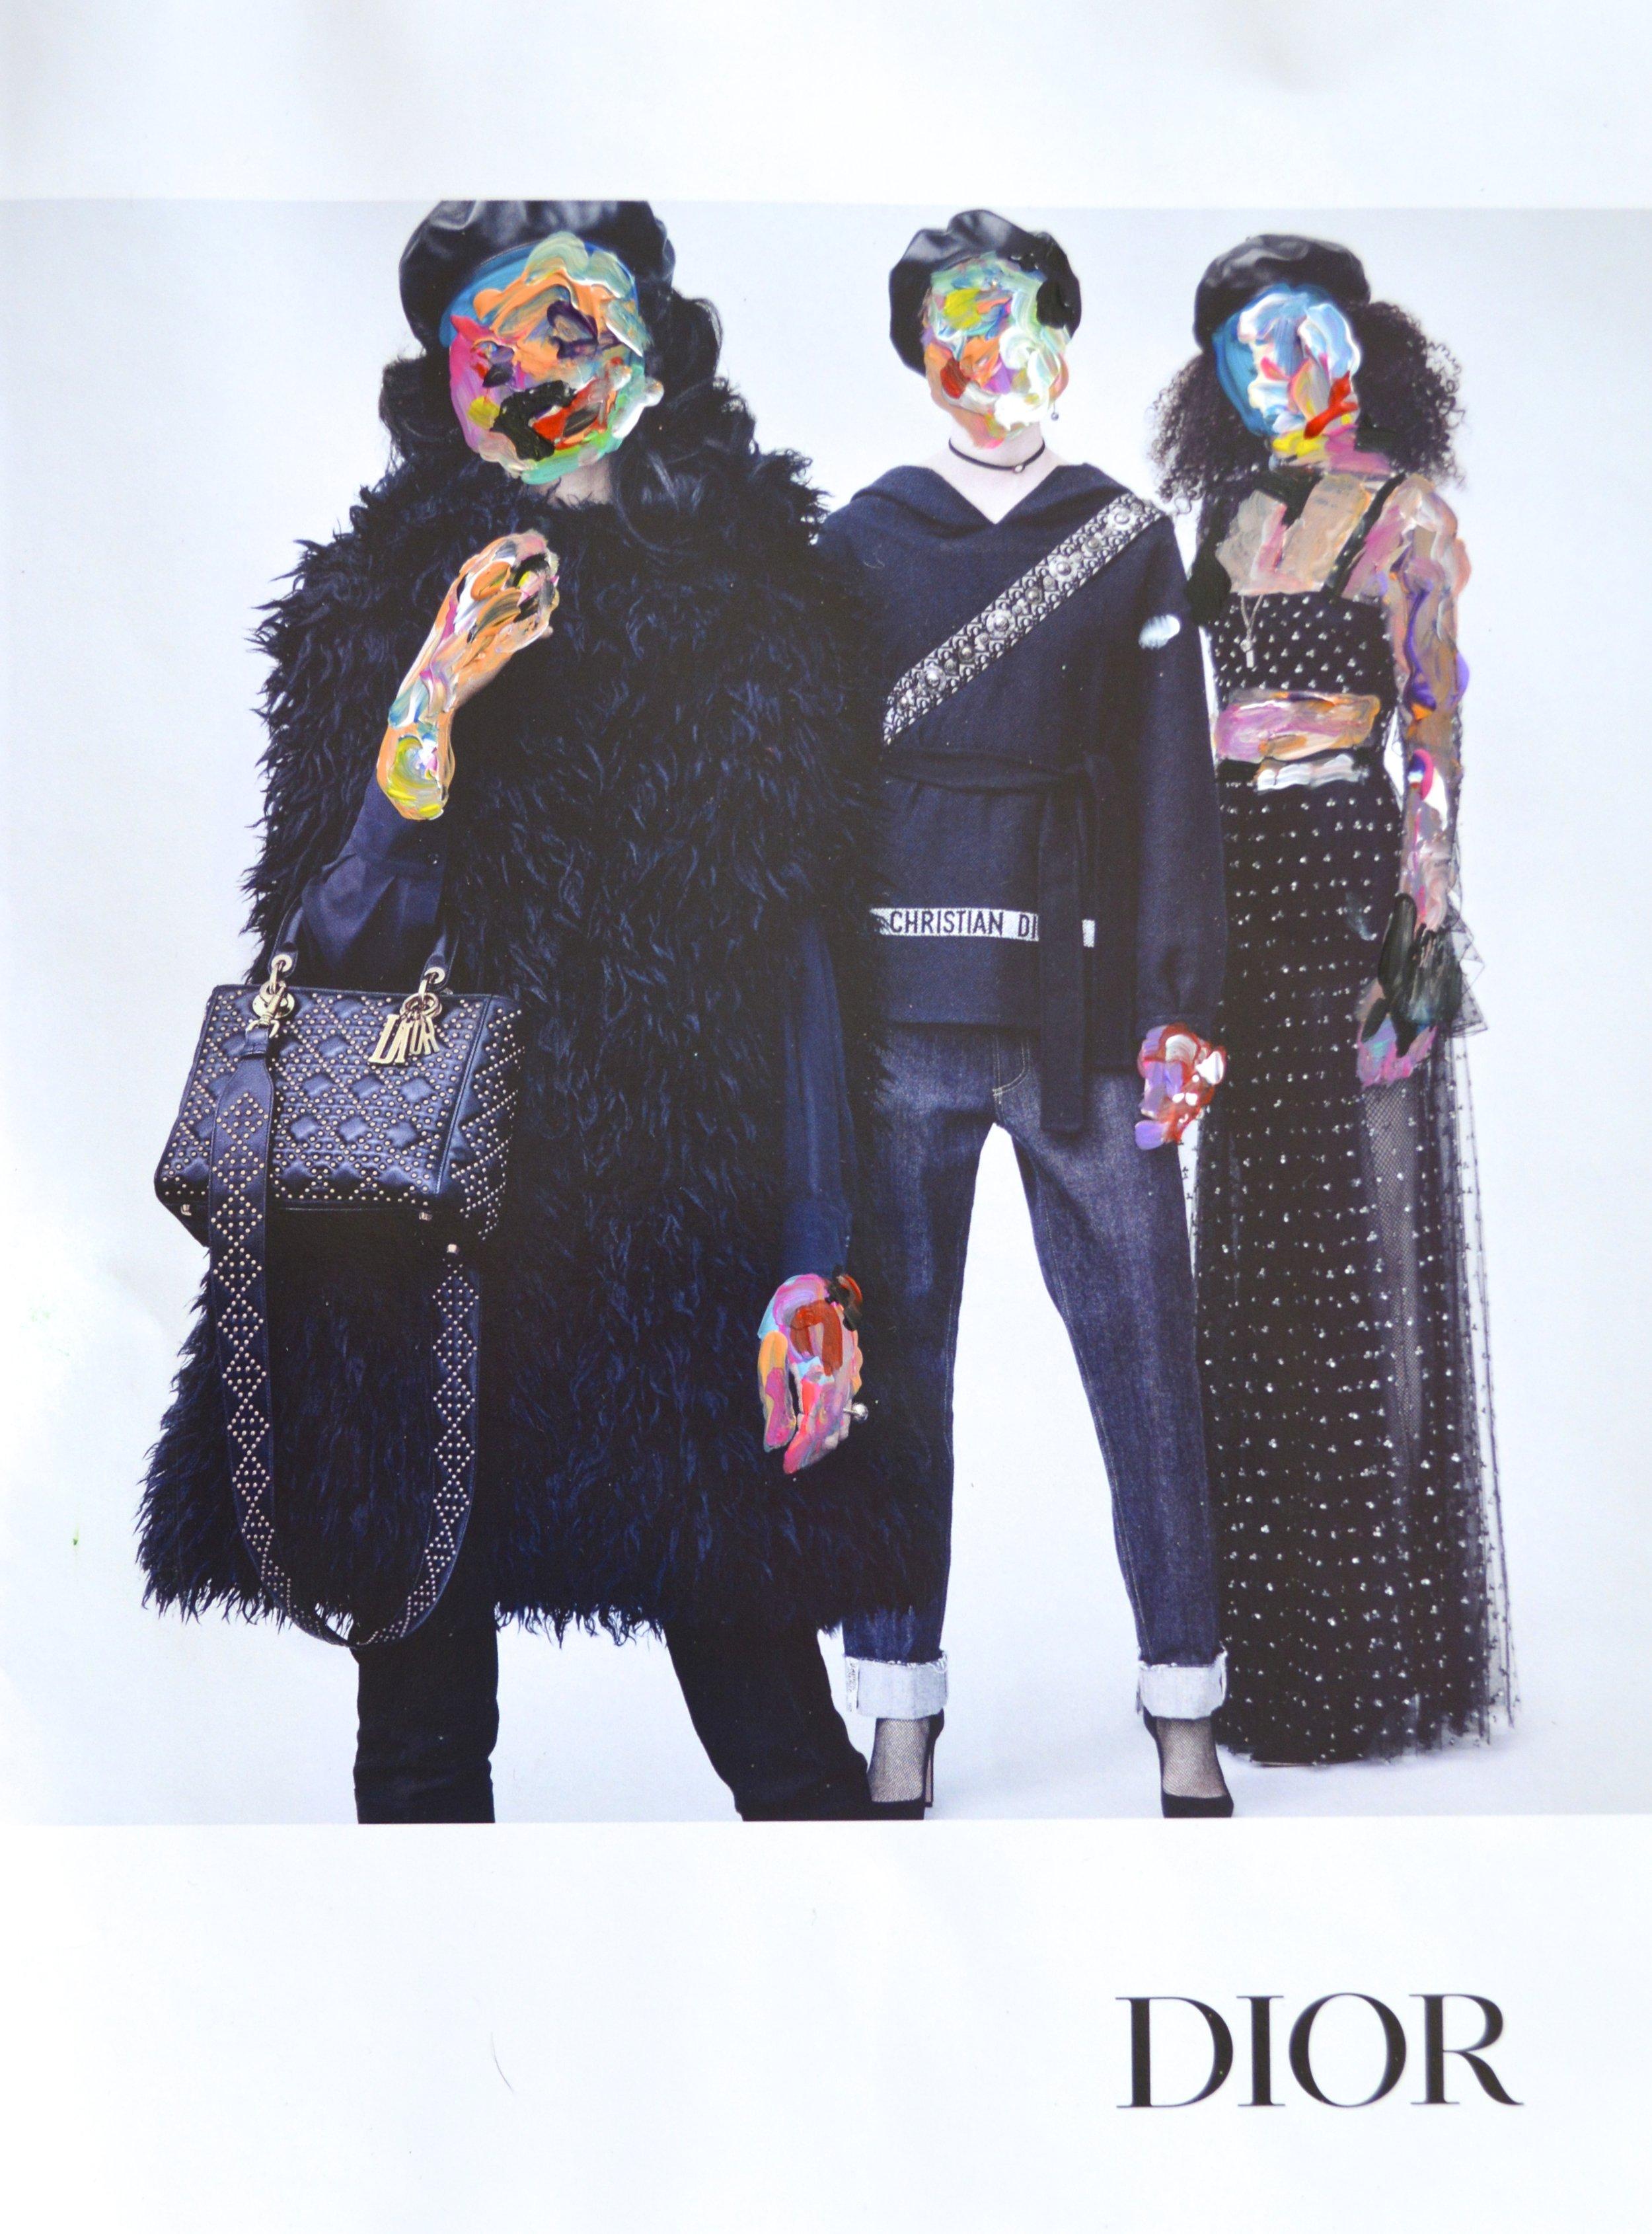 Win (in Dior)